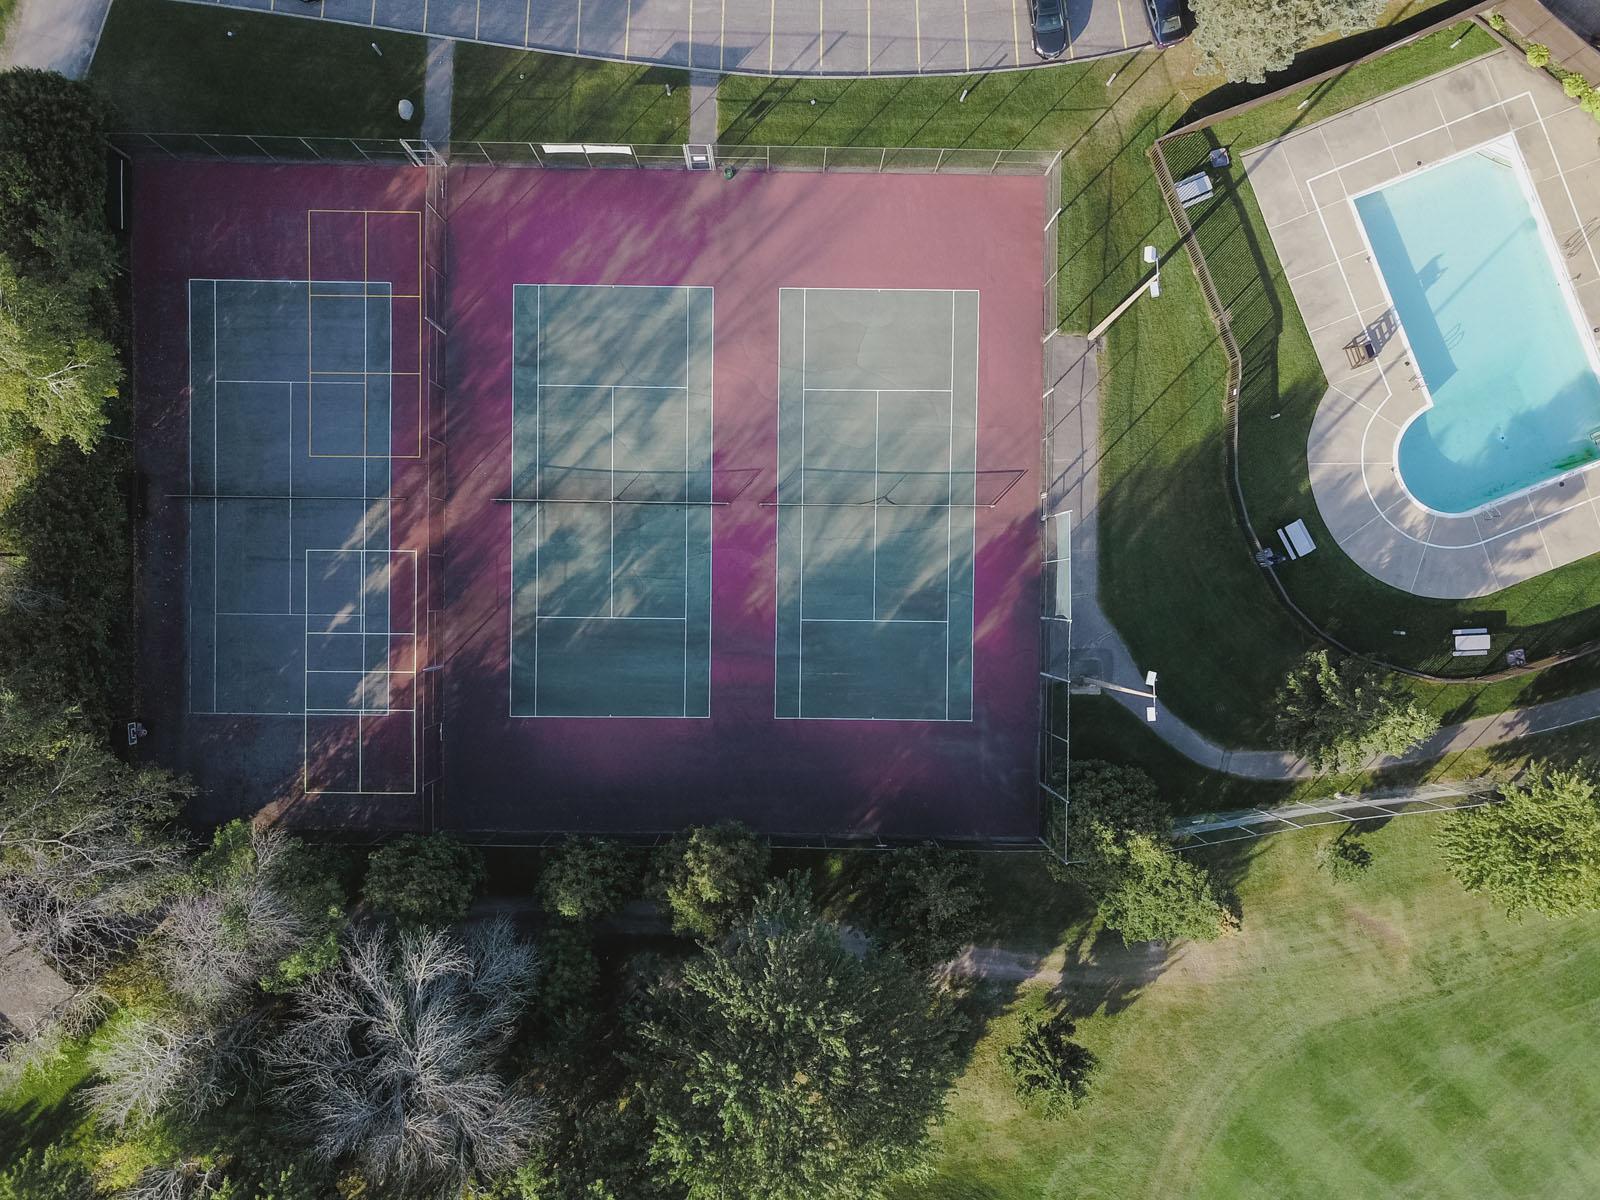 Stittsville Tennis Court